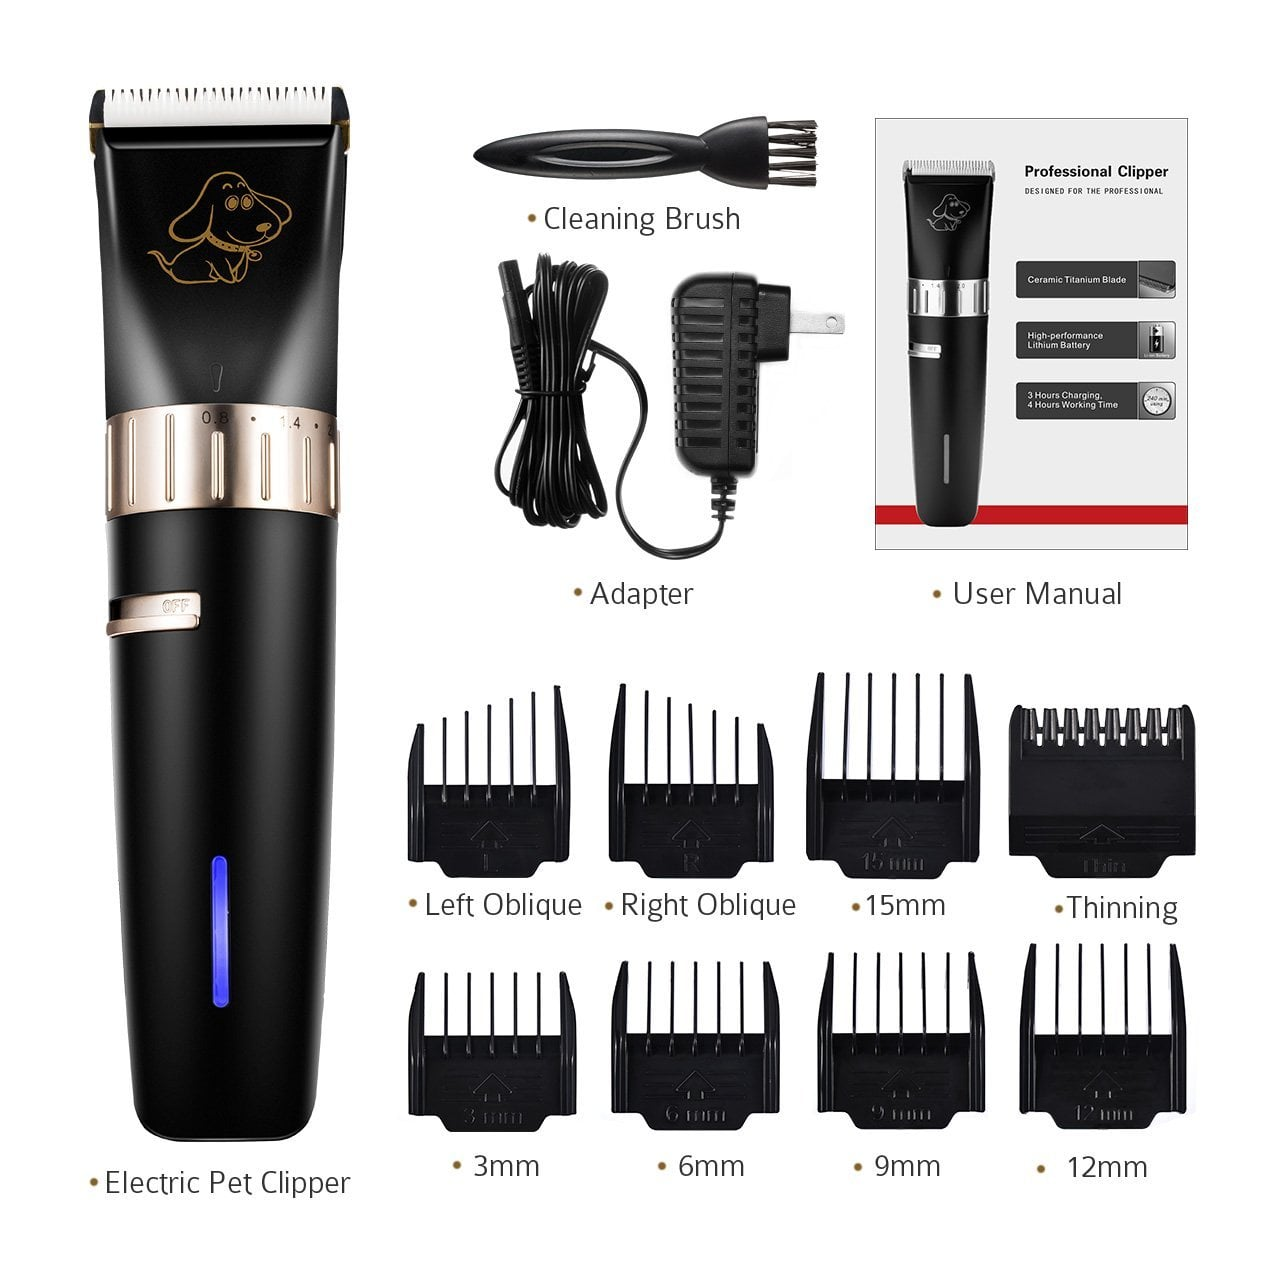 OMORC Cordless Pet Hair Trimmer (Pet Grooming Kit) for $11.99 + FSSS